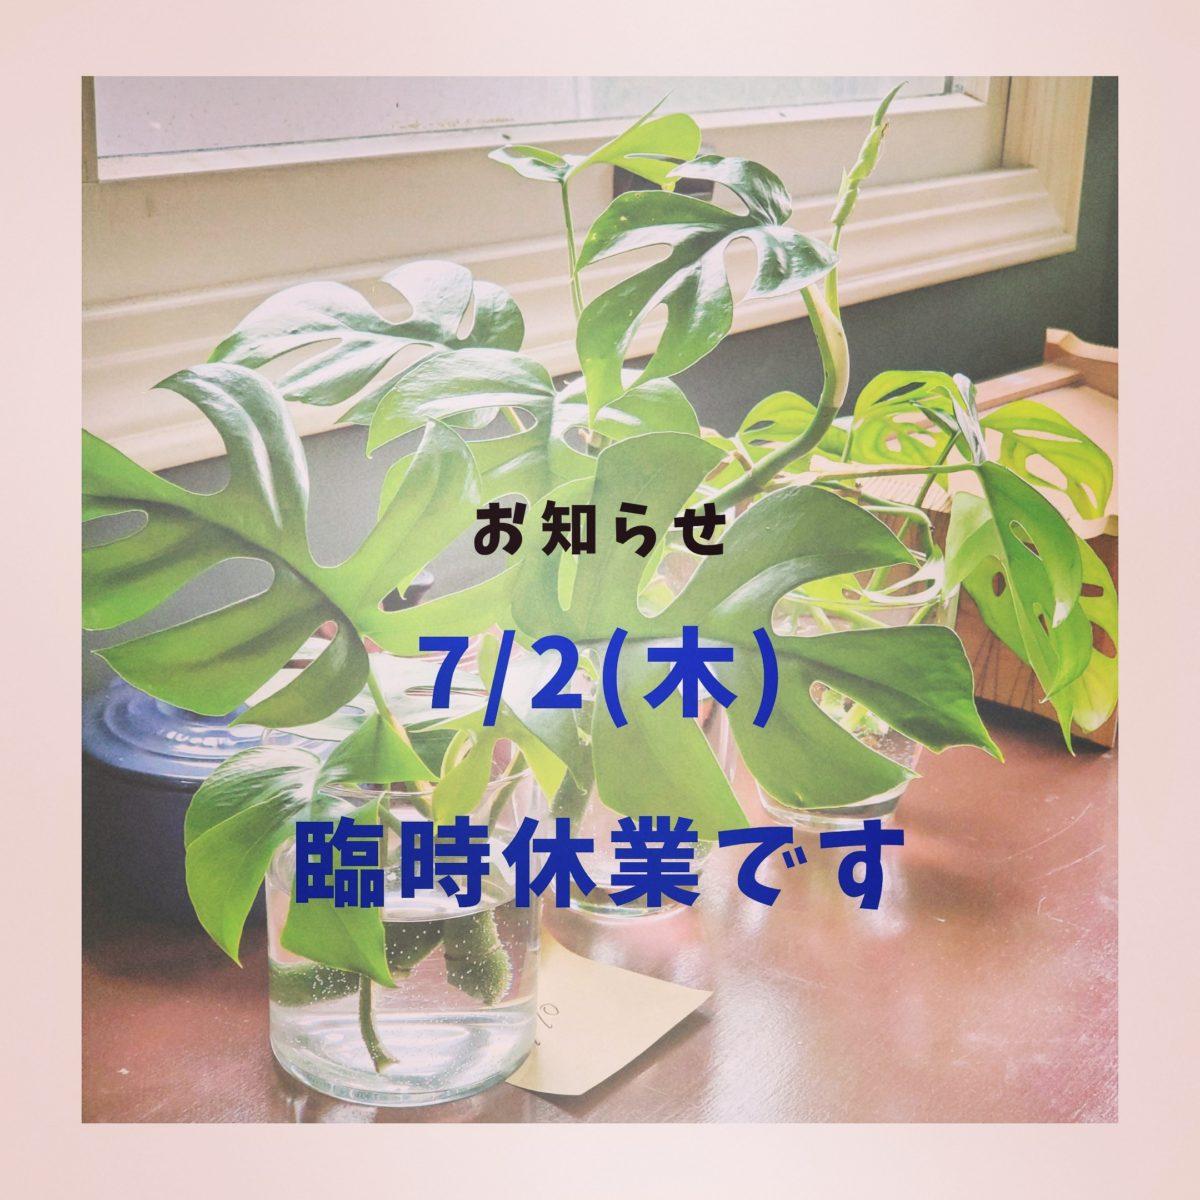 7/2(木) 臨時休業です